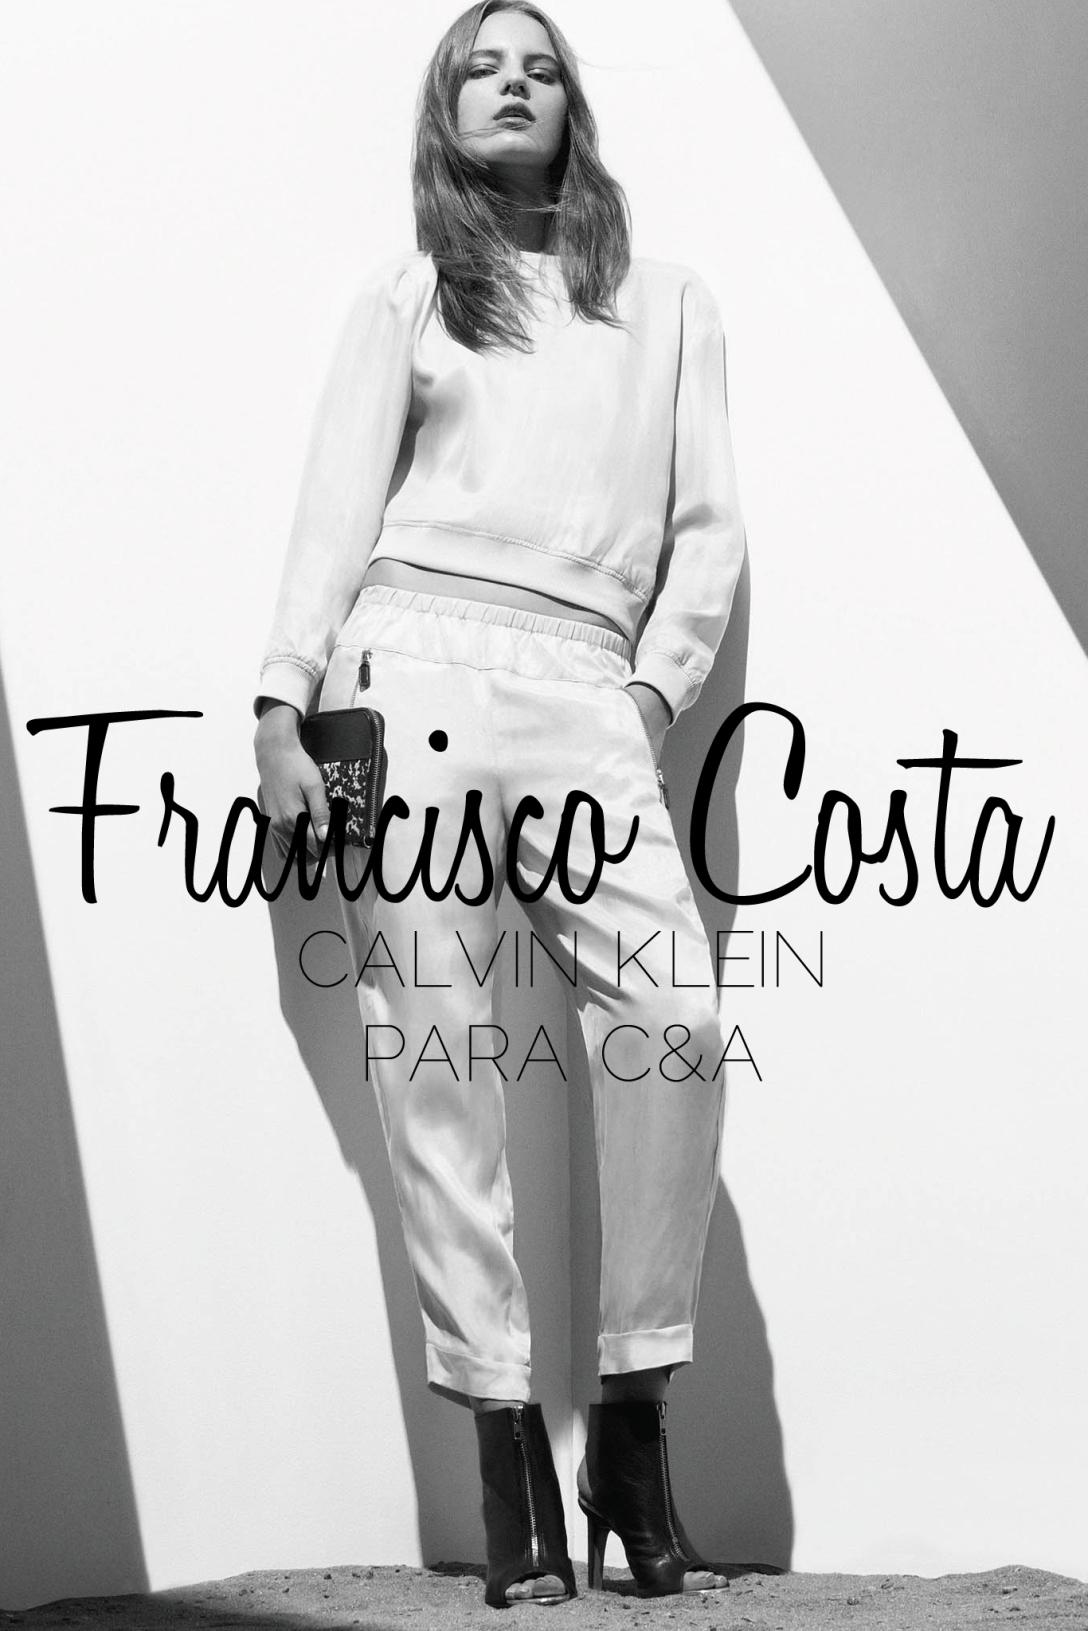 Francisco Costa Calvin Klein para C&A